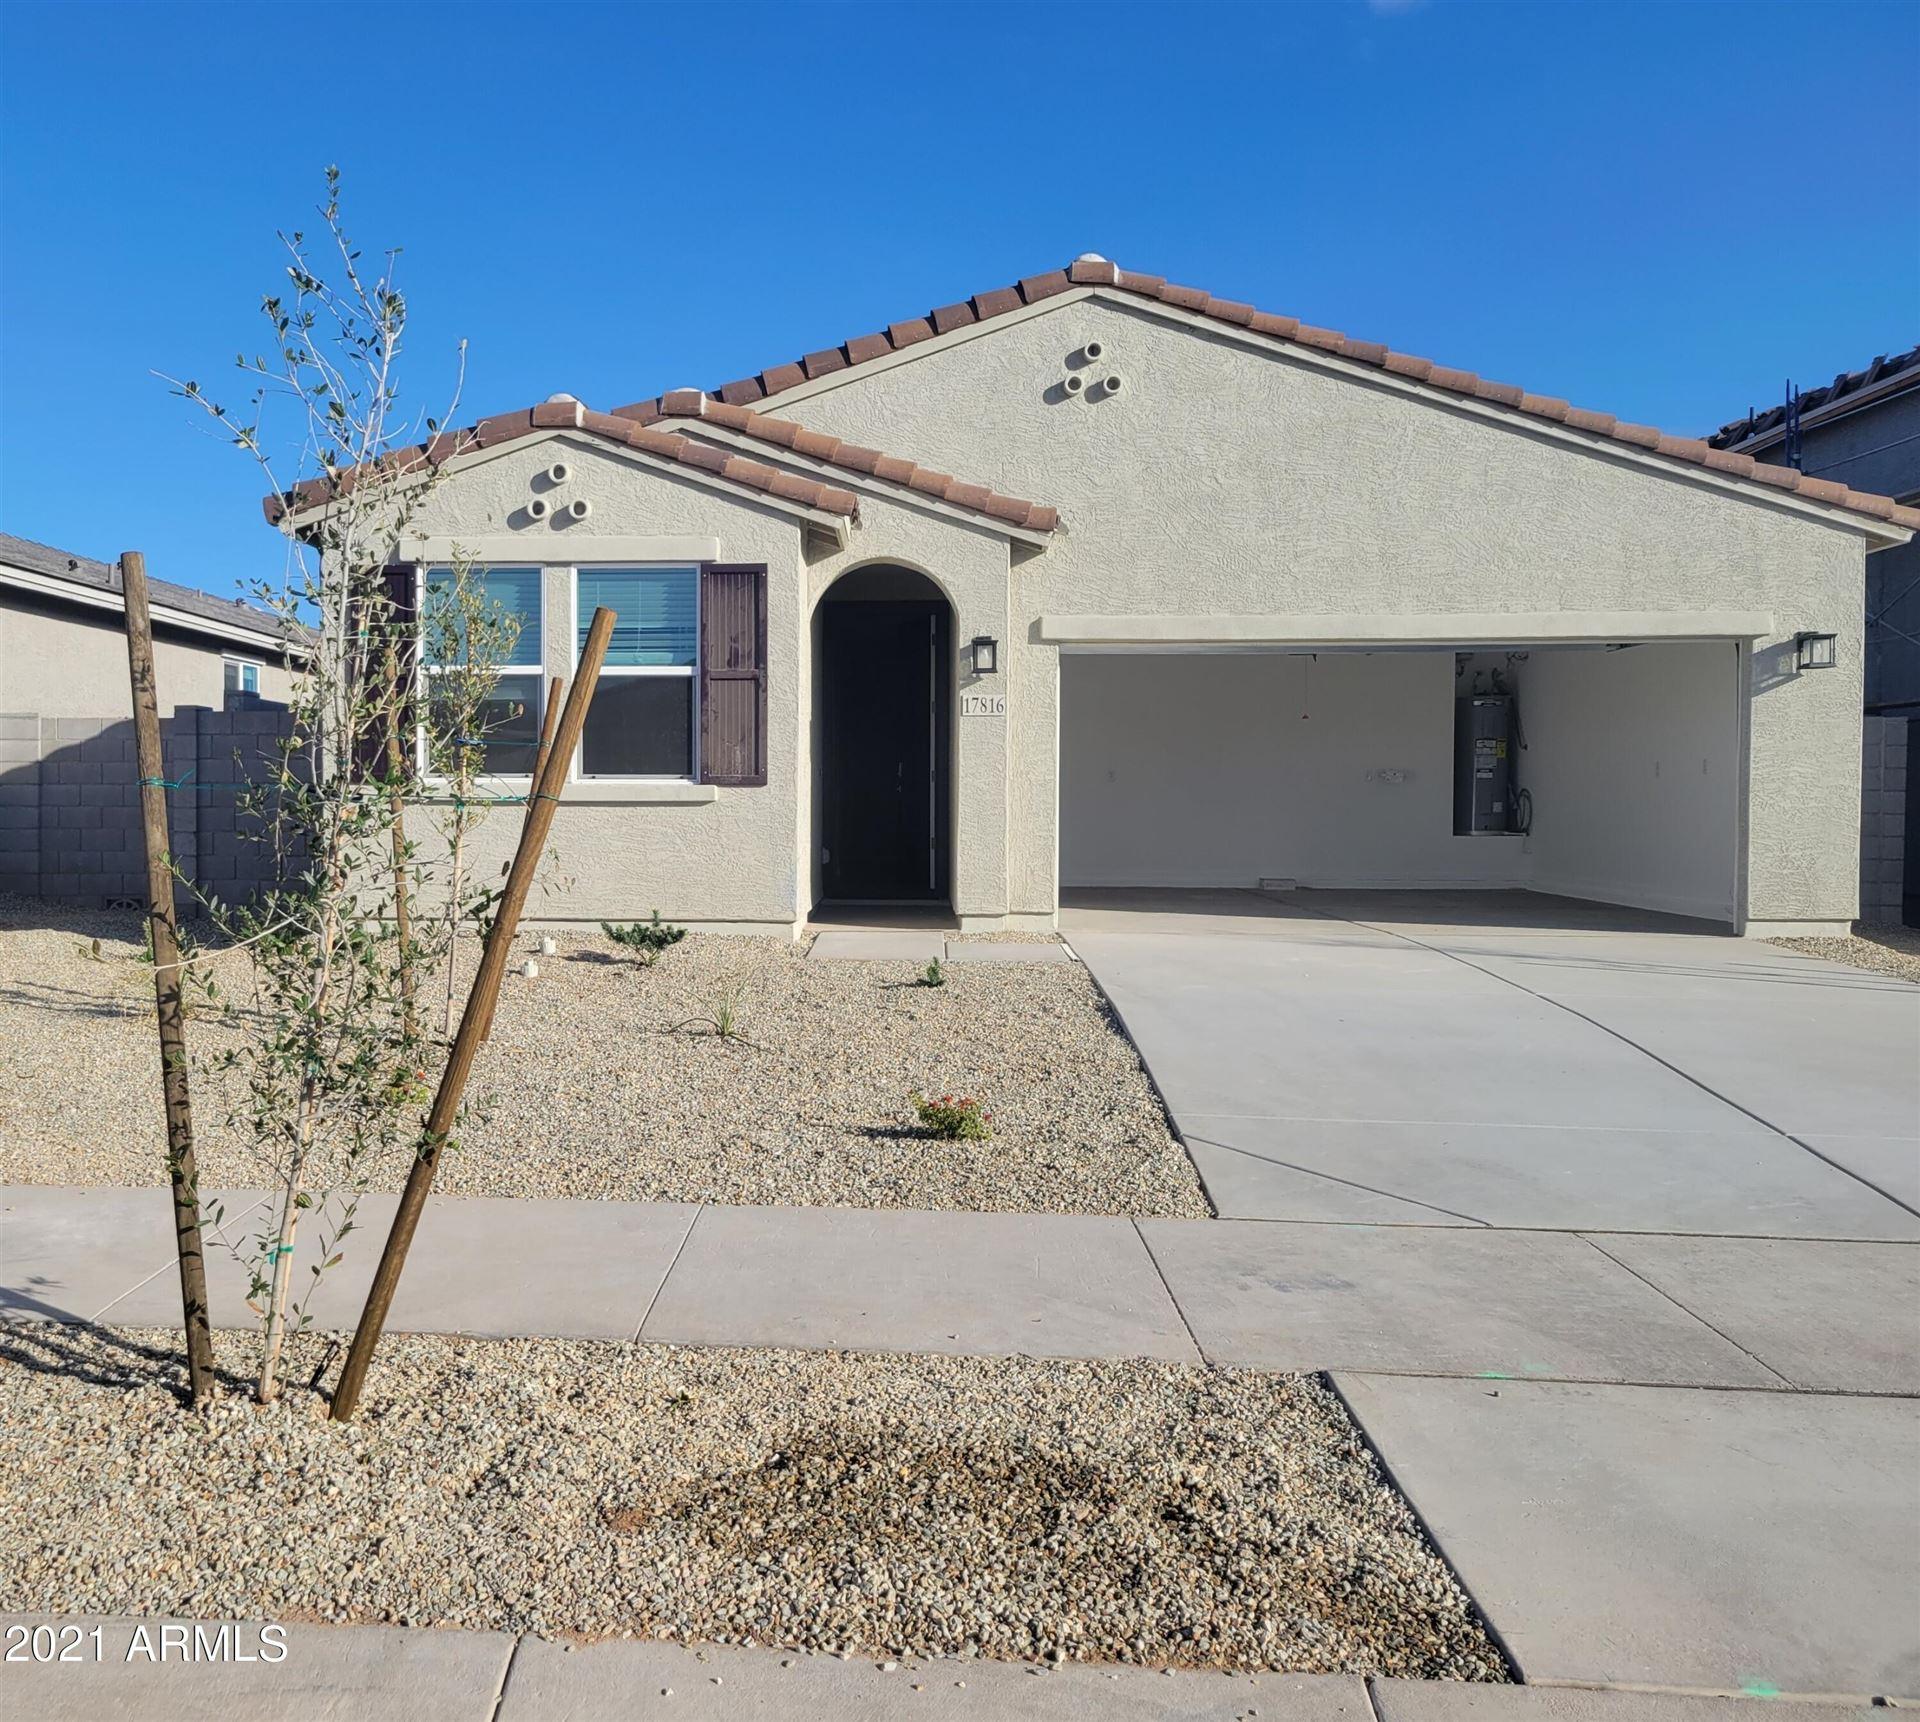 Photo of 17816 W DALEY Lane, Surprise, AZ 85387 (MLS # 6310327)